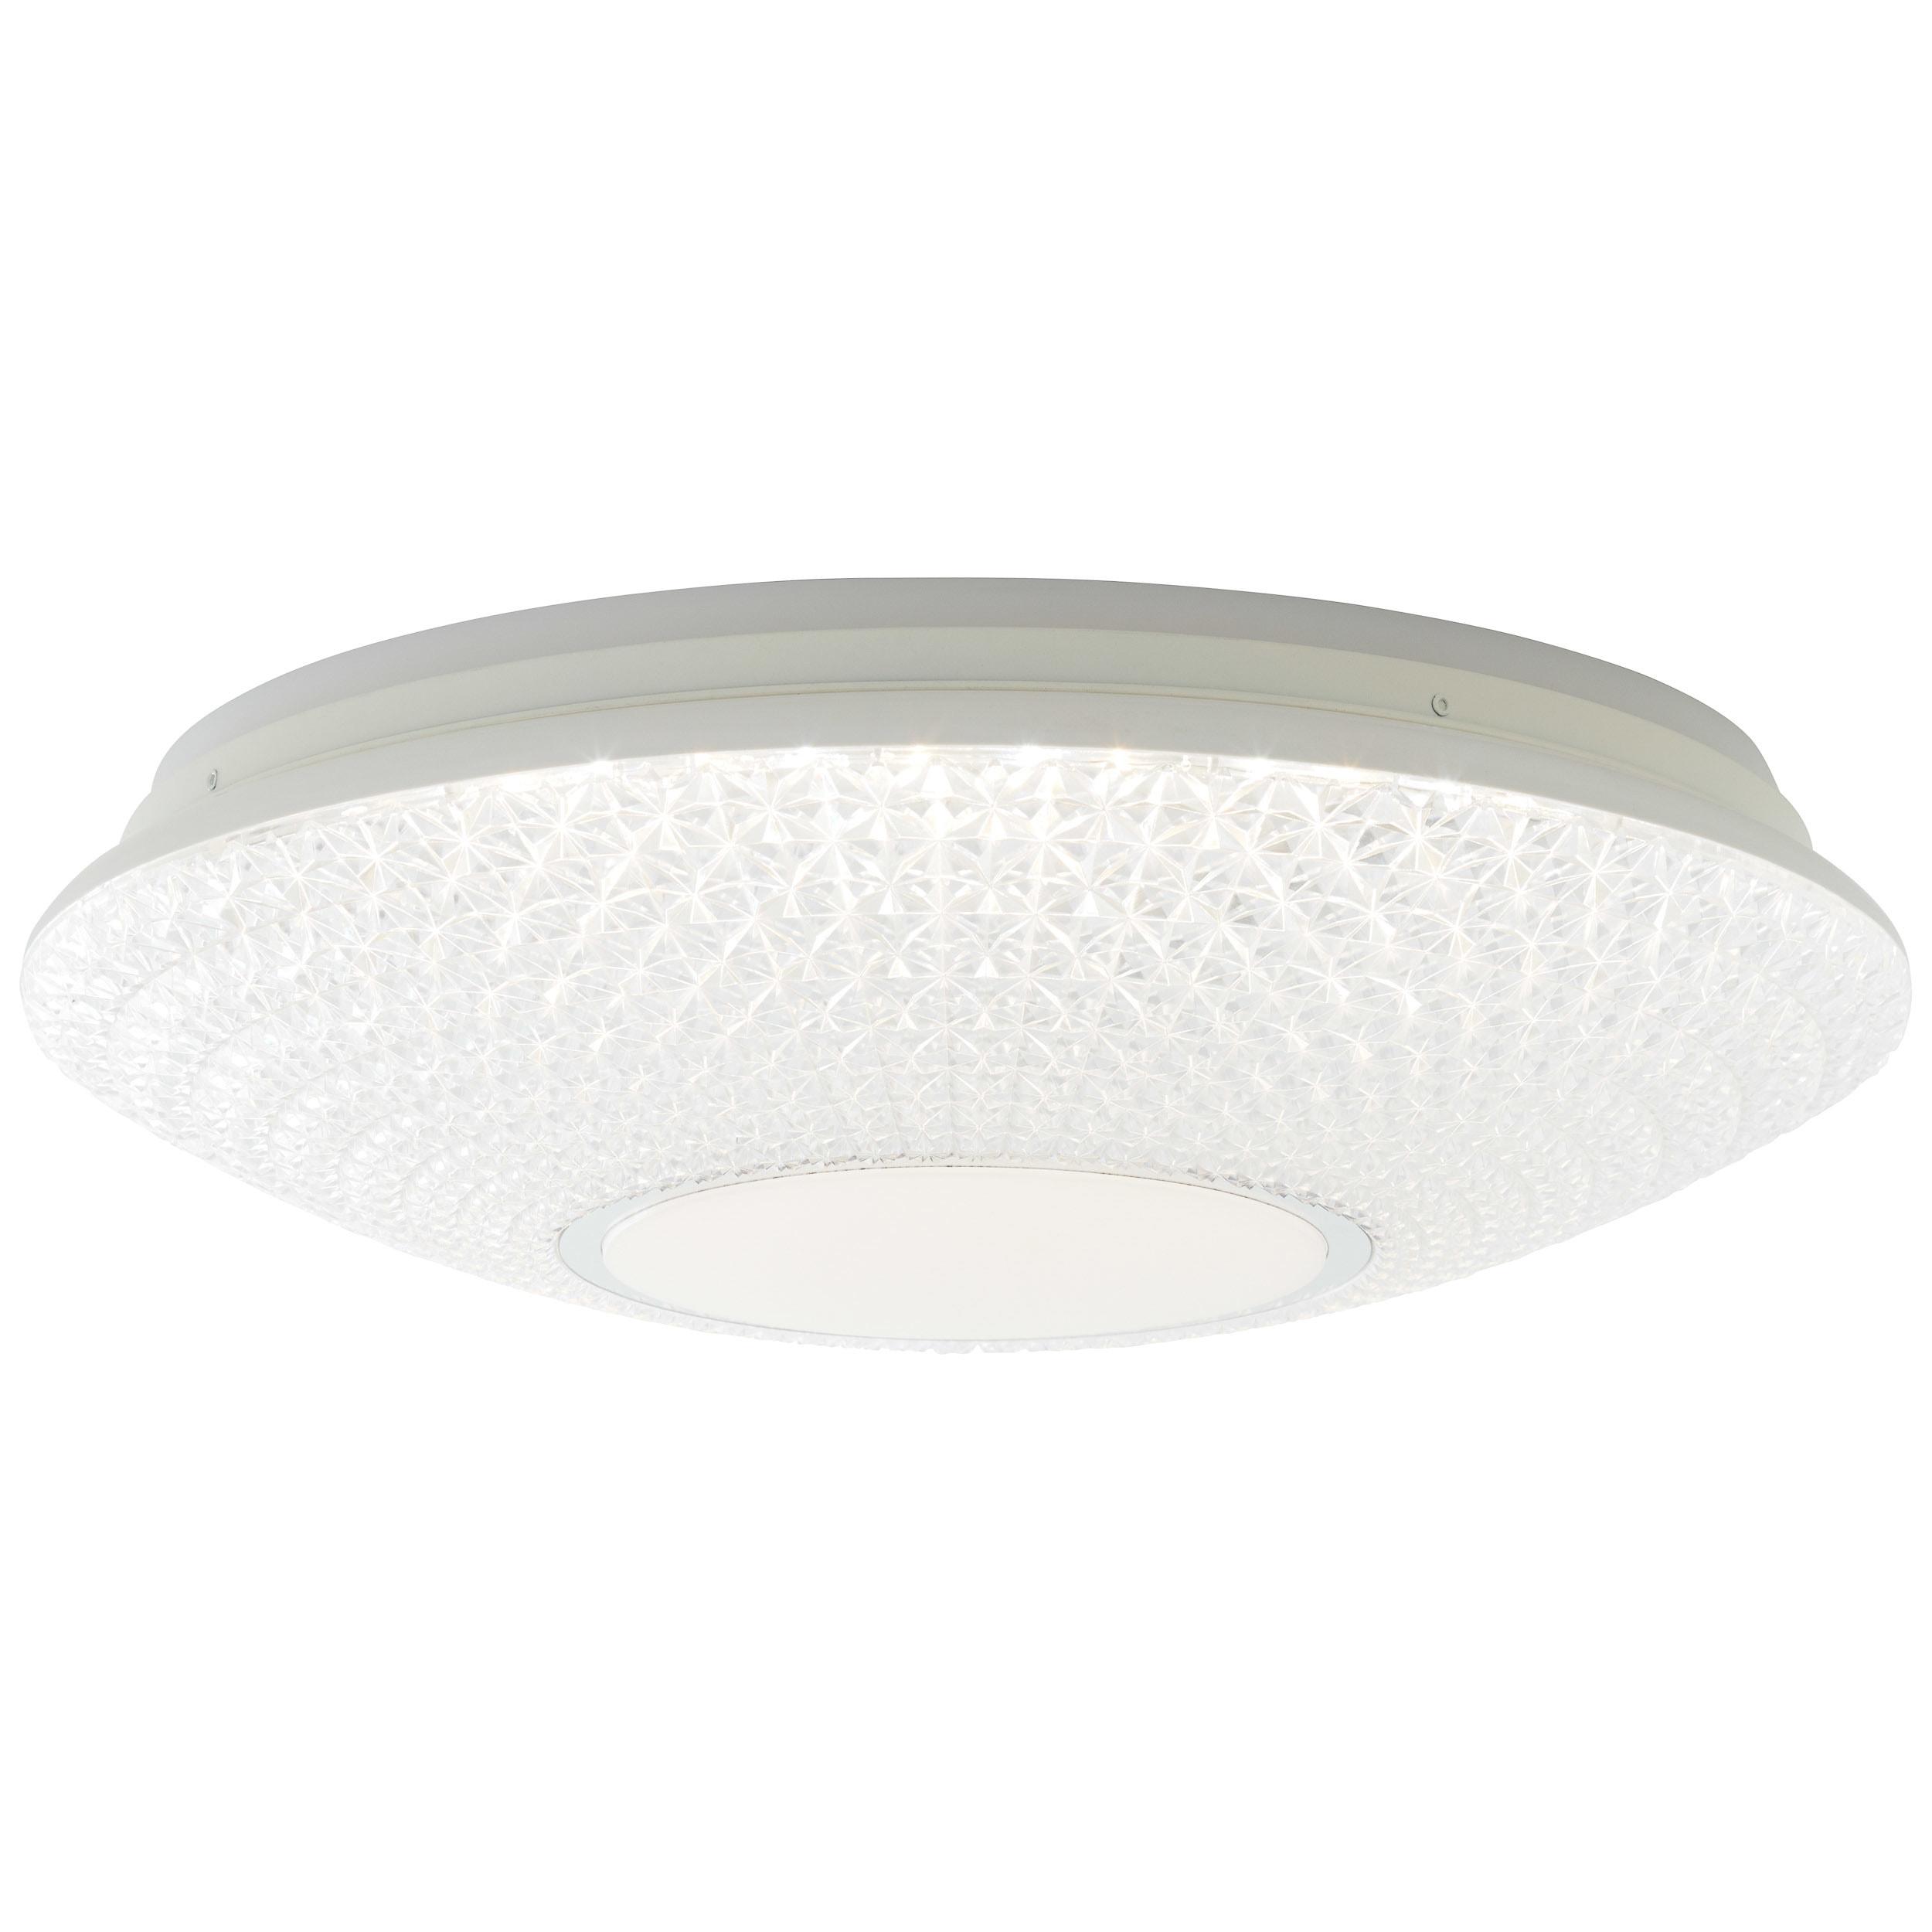 Brilliant Leuchten Lucian LED Deckenleuchte 50cm weiß